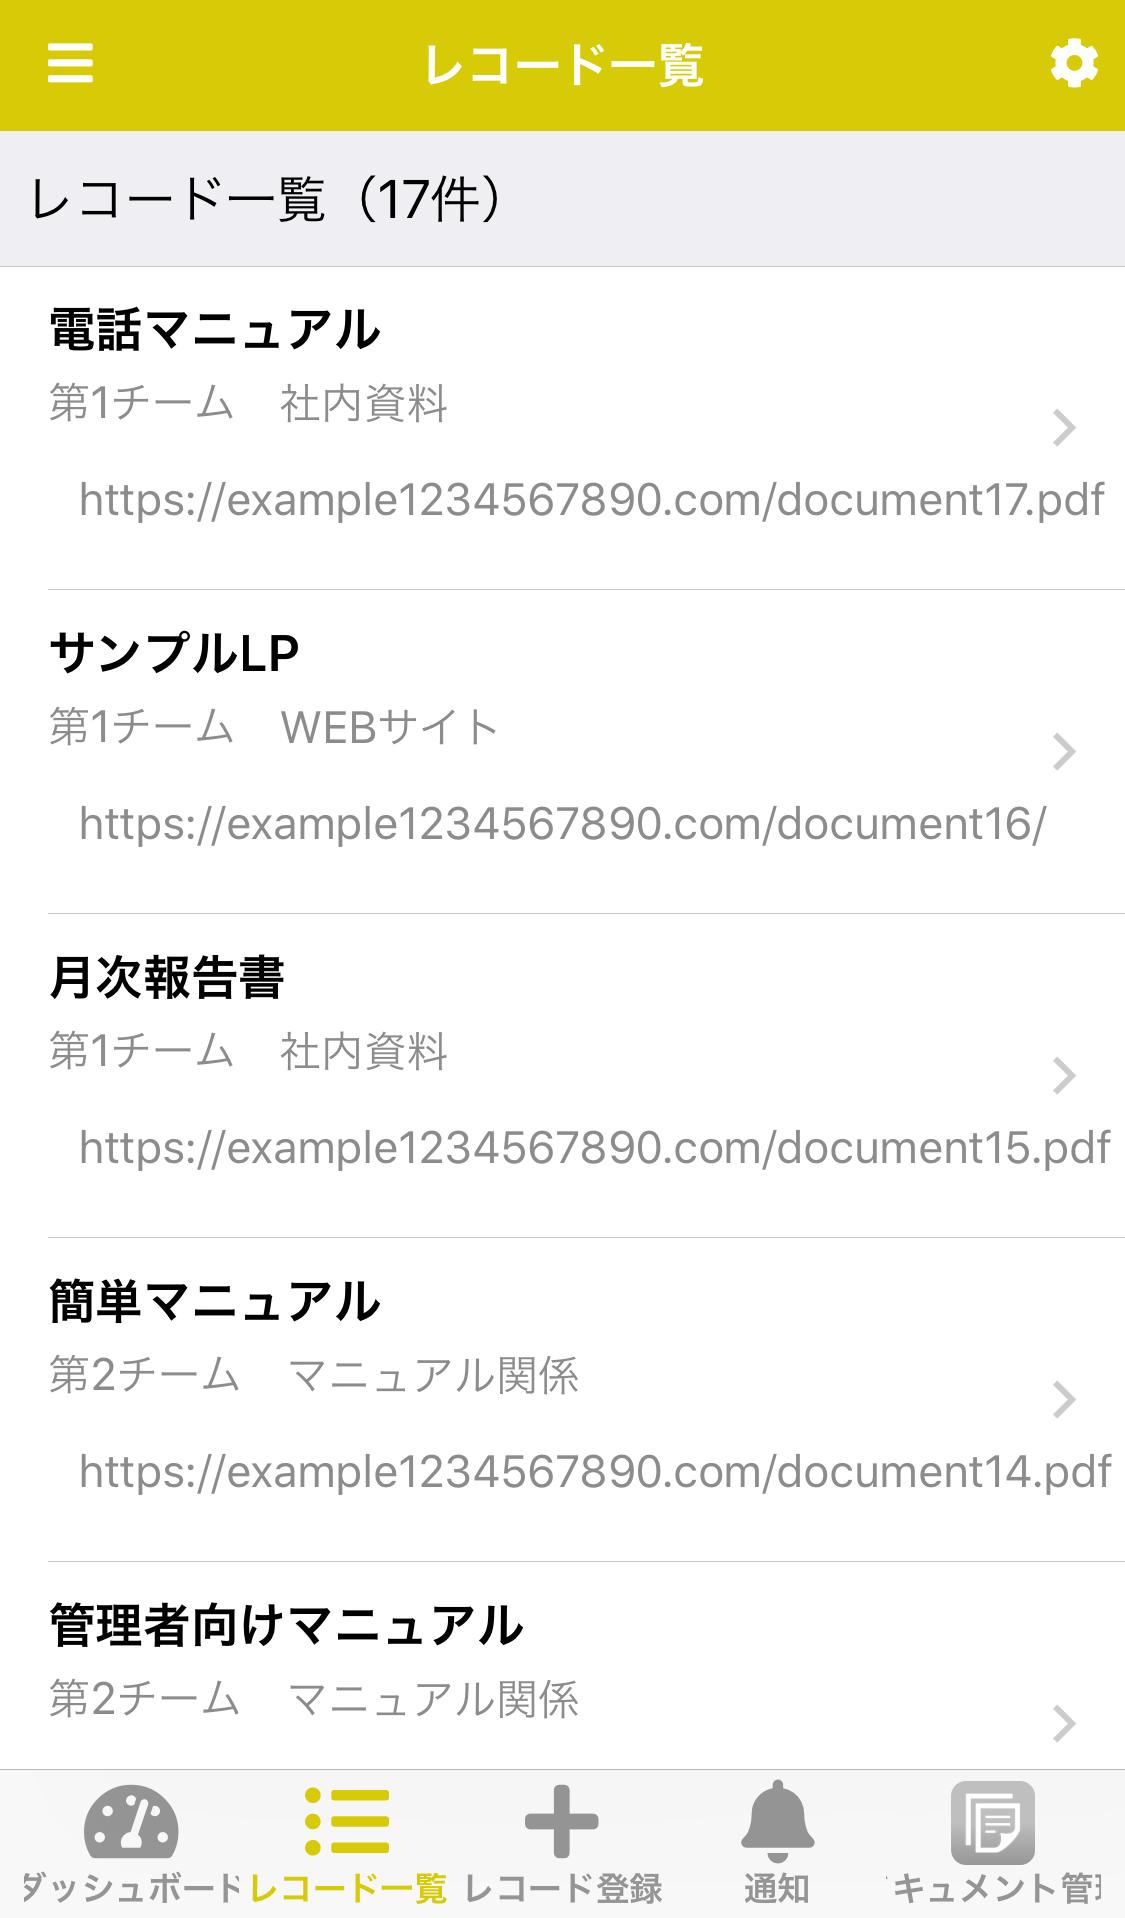 ドキュメント管理-2.png